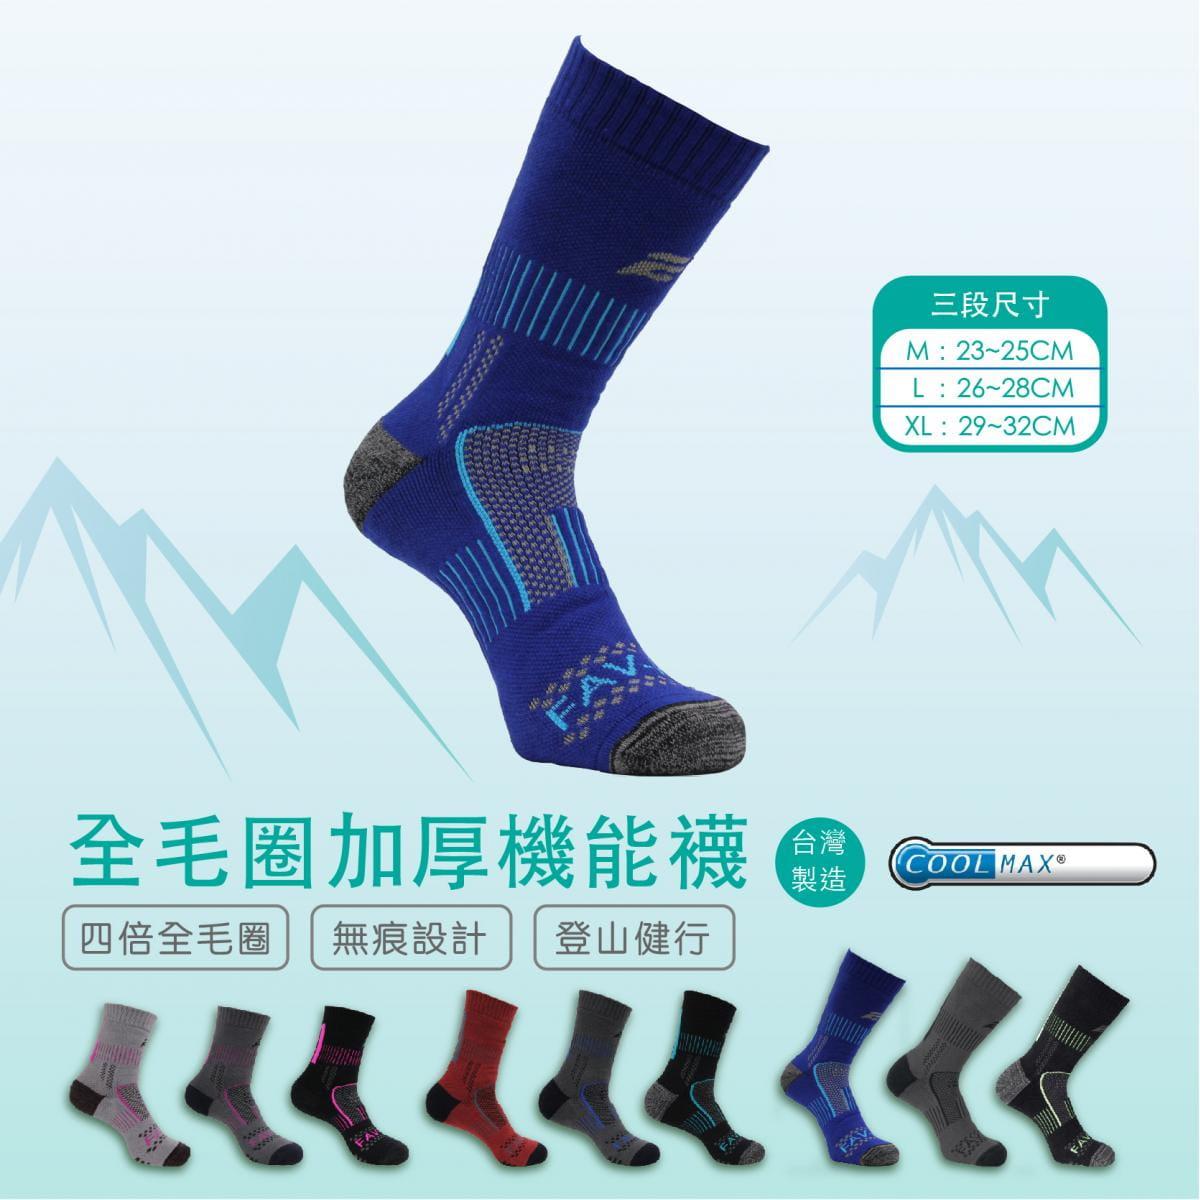 【FAV】加厚機能登山襪